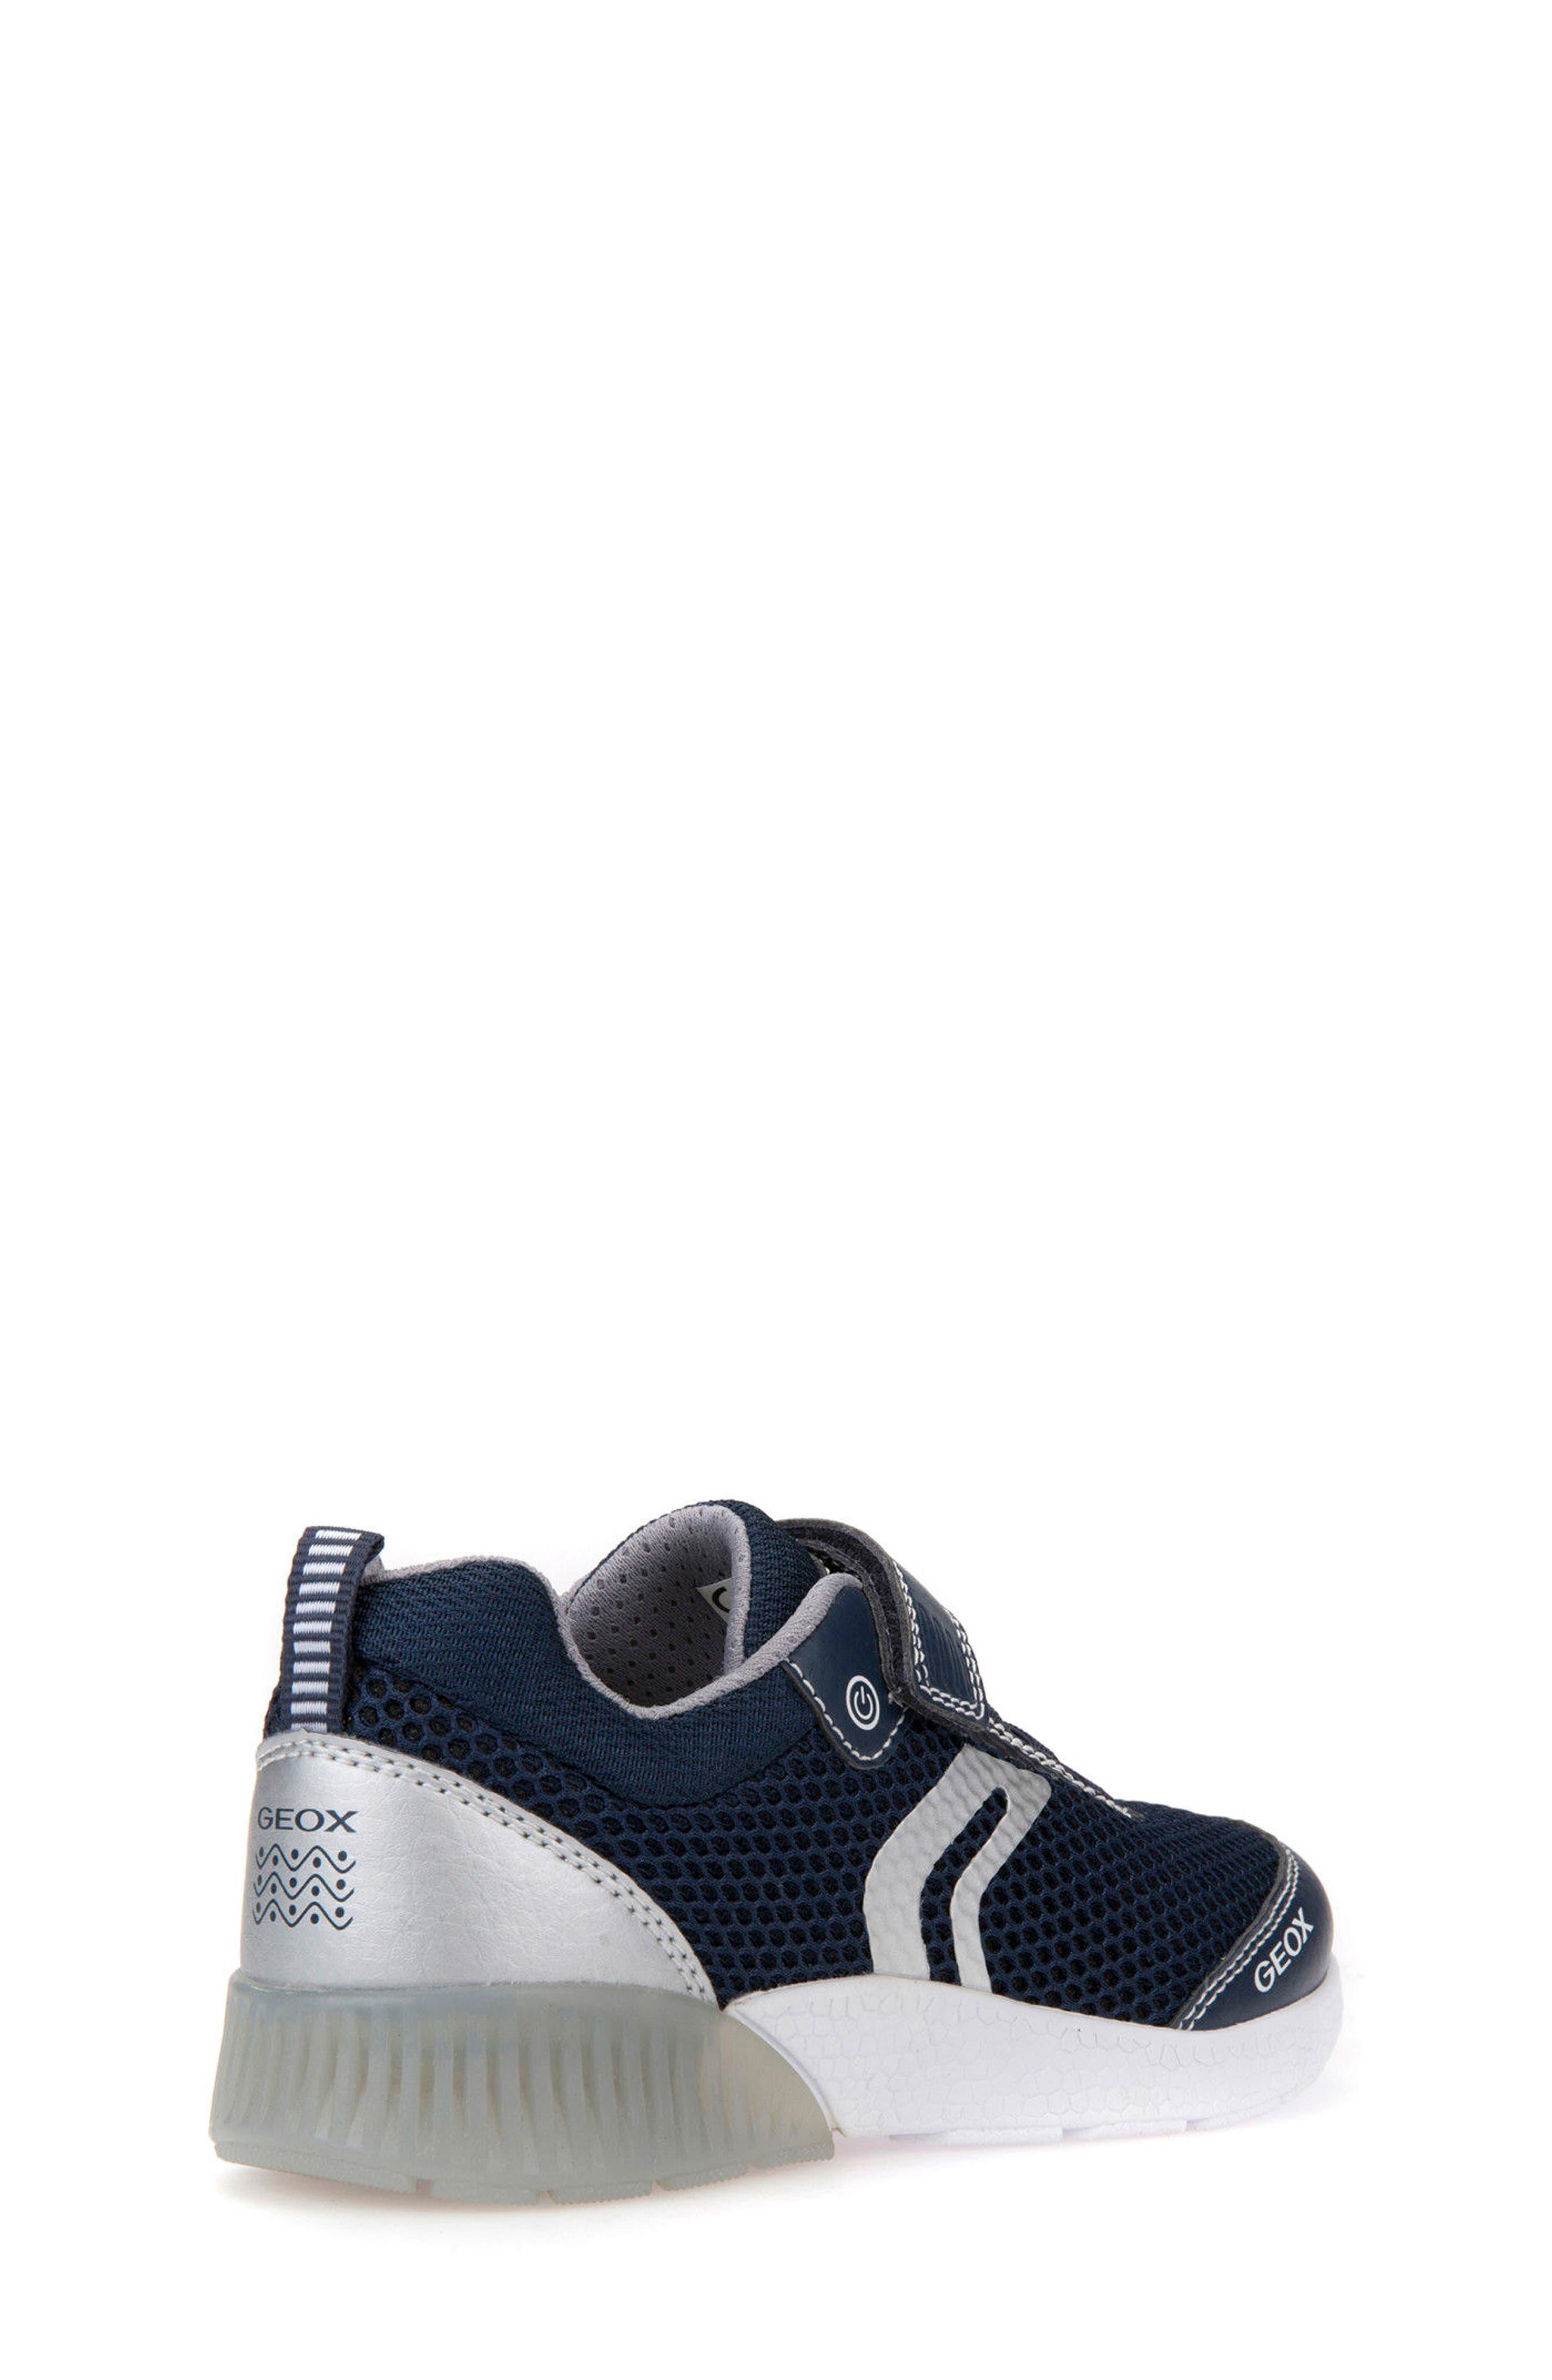 Sveth Light-Up Sneaker,                             Alternate thumbnail 2, color,                             NAVY/ SILVER